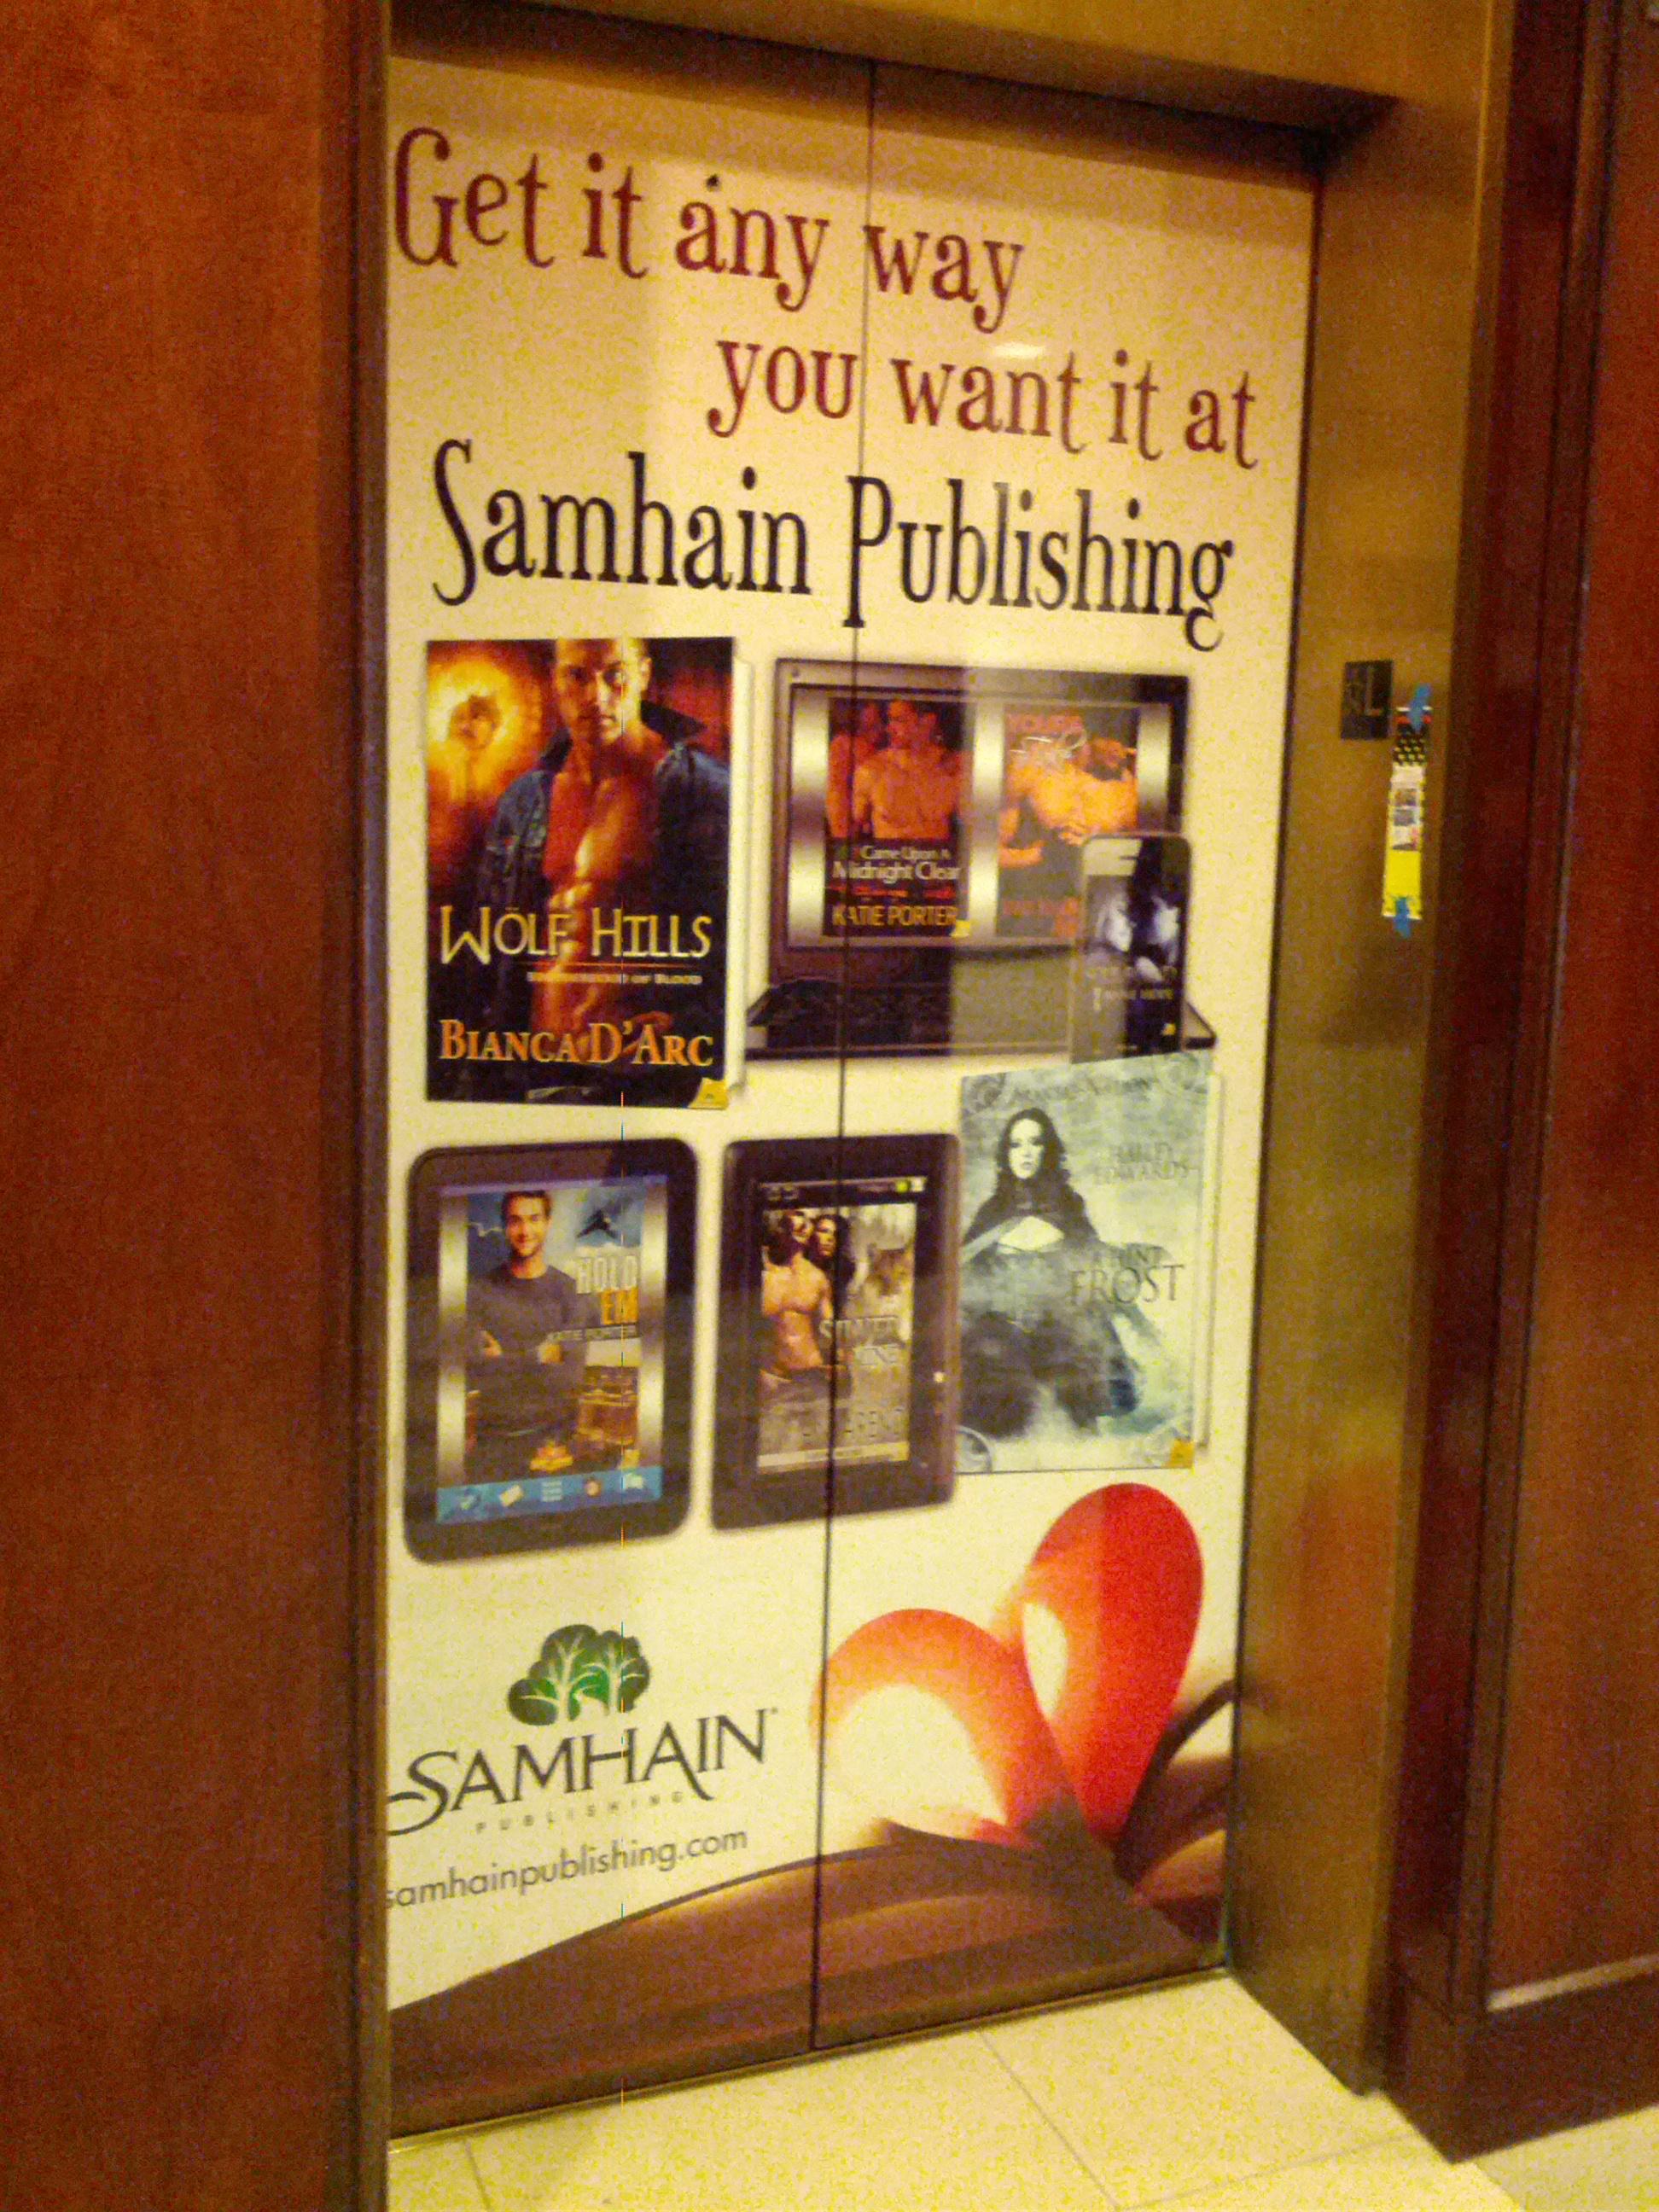 Samhain Publishing Elevator Image